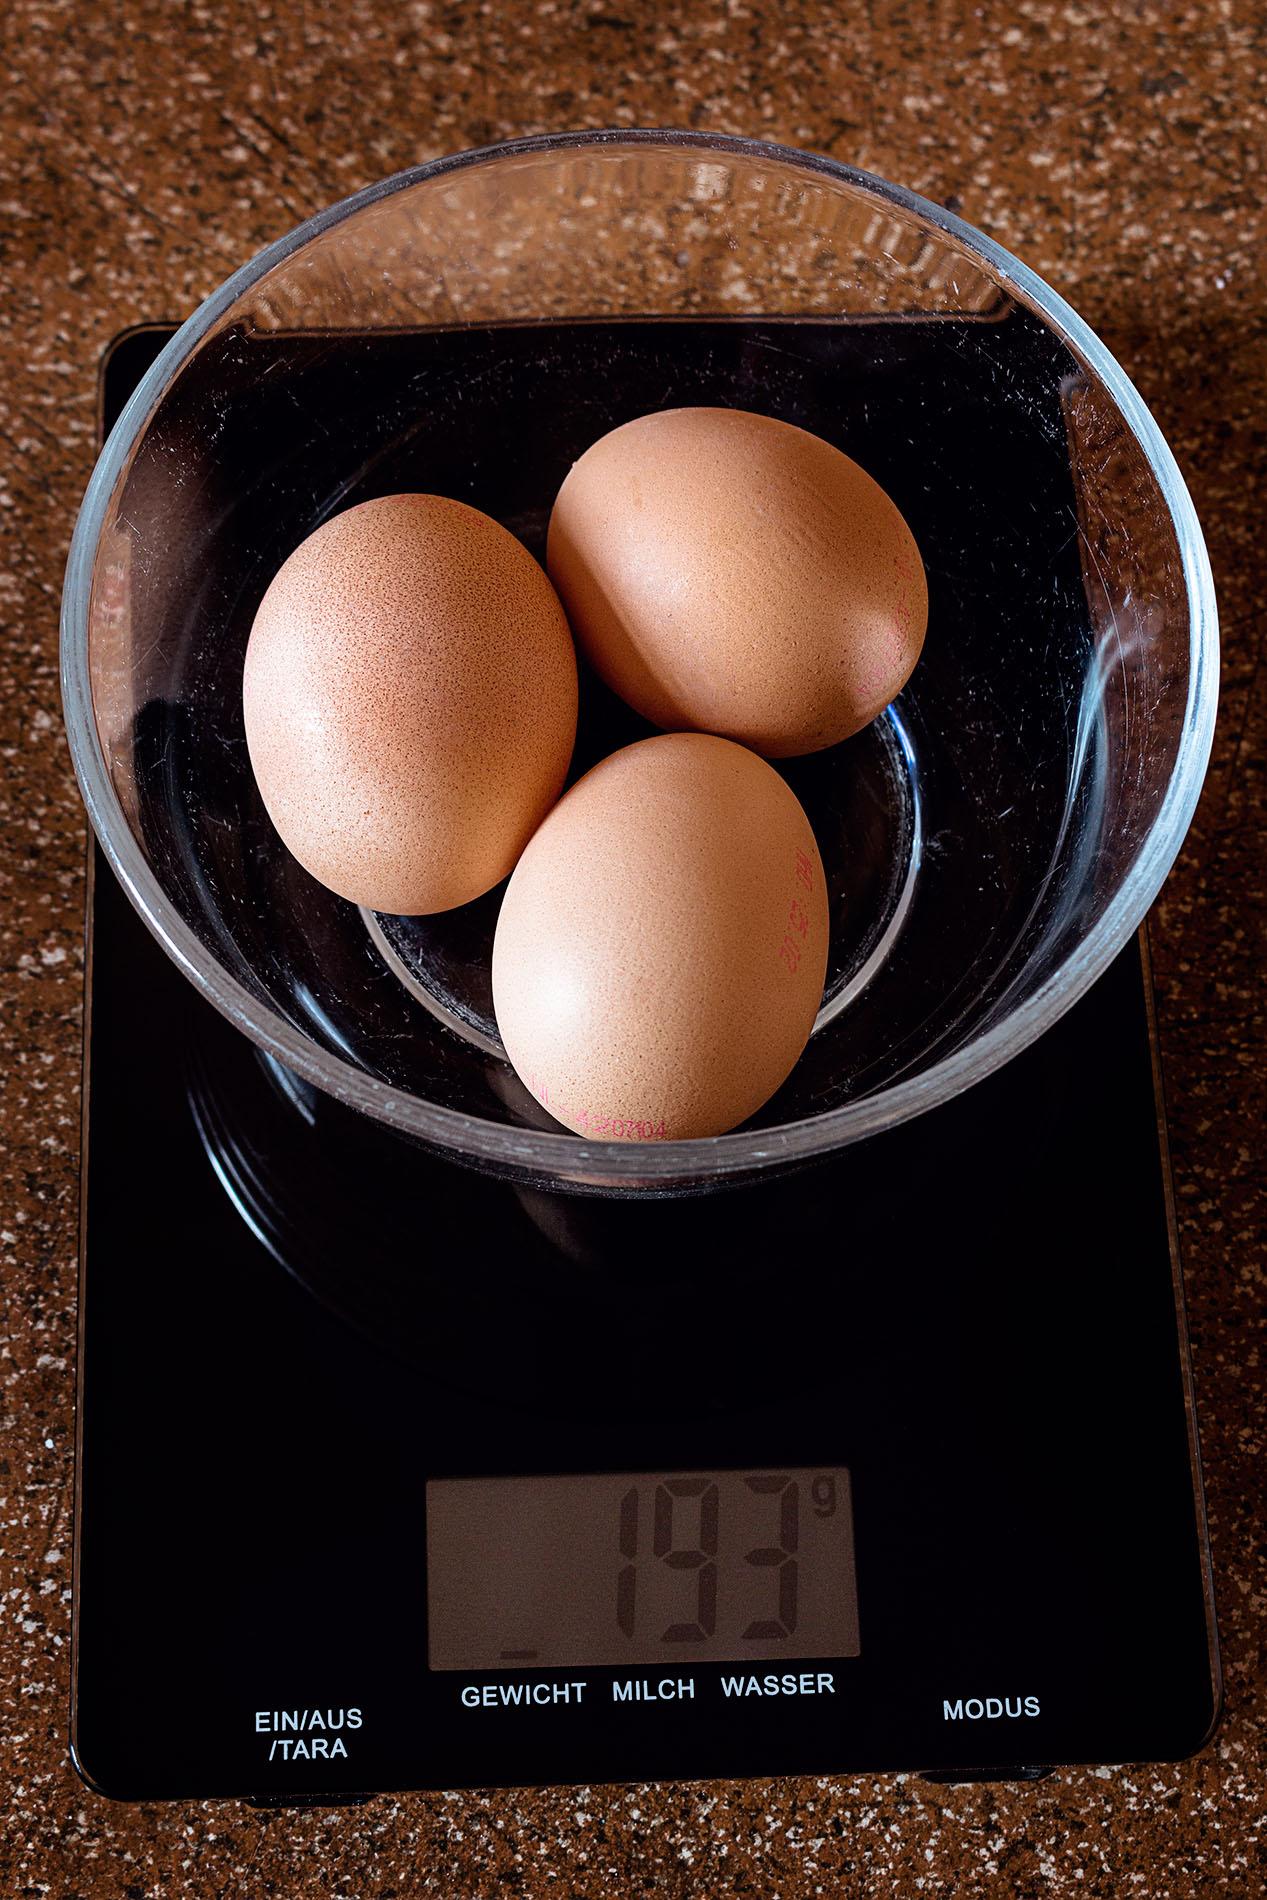 Eier-auf-Waage